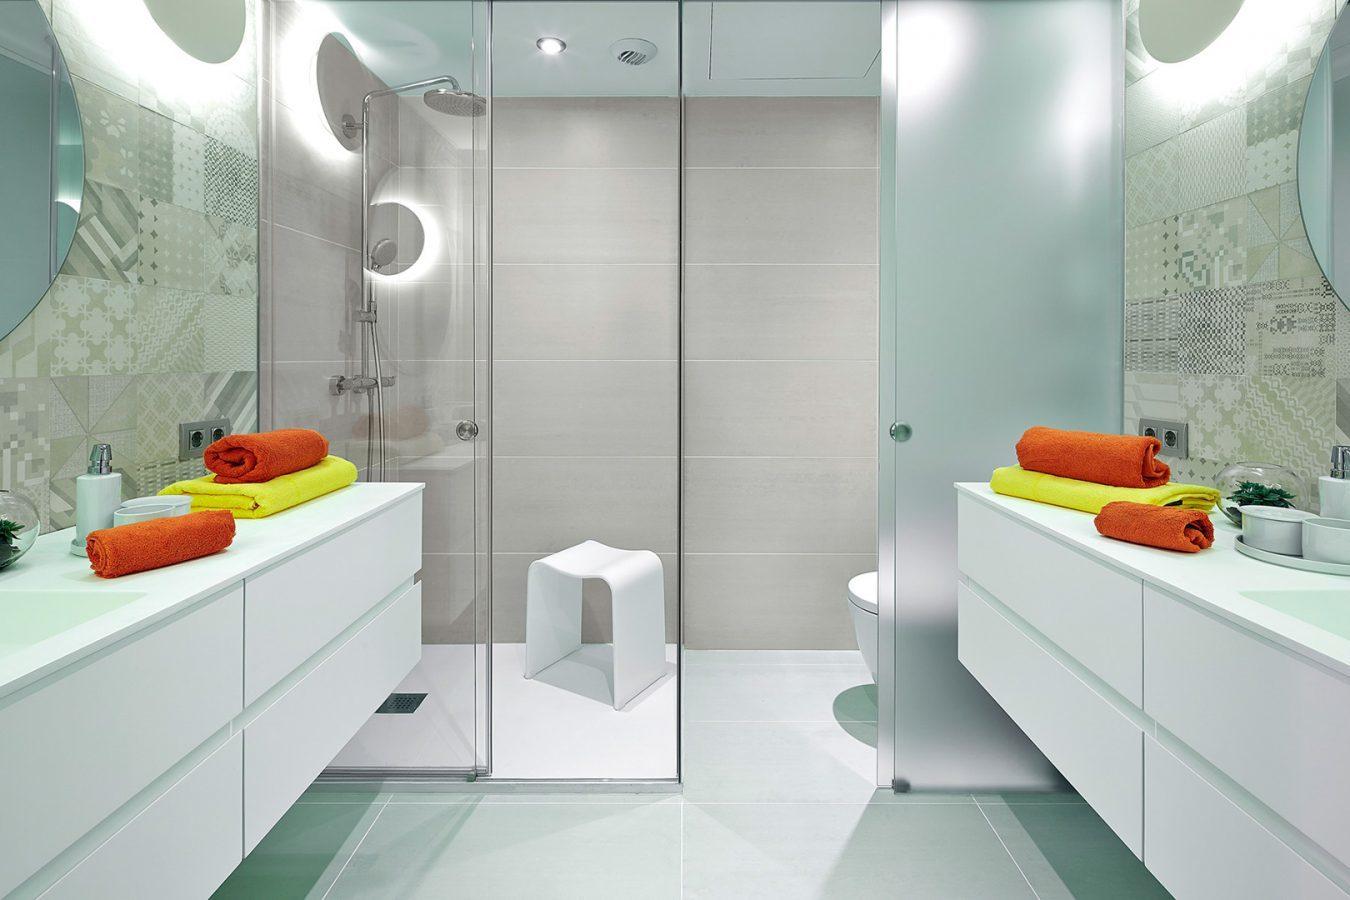 4d0d216ba2d7939c117d26219711498bf33bacb1348b9729527eab0803f1da21 - Идеи для ремонта в маленькой ванной